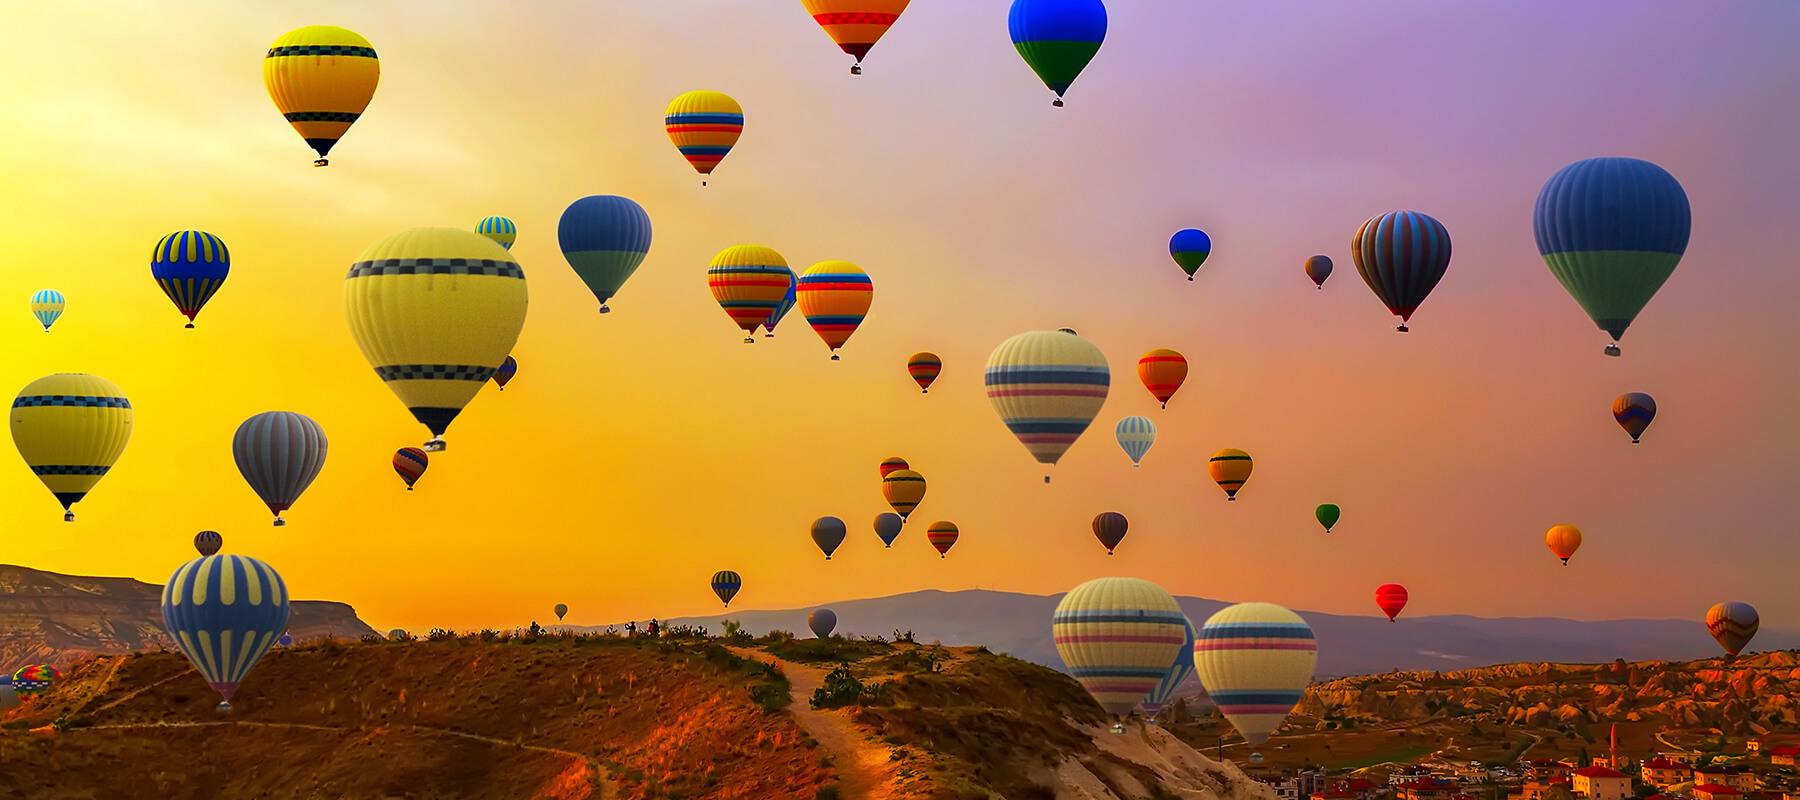 Hot air balloons dot the skyline over Albuquerque, New Mexico